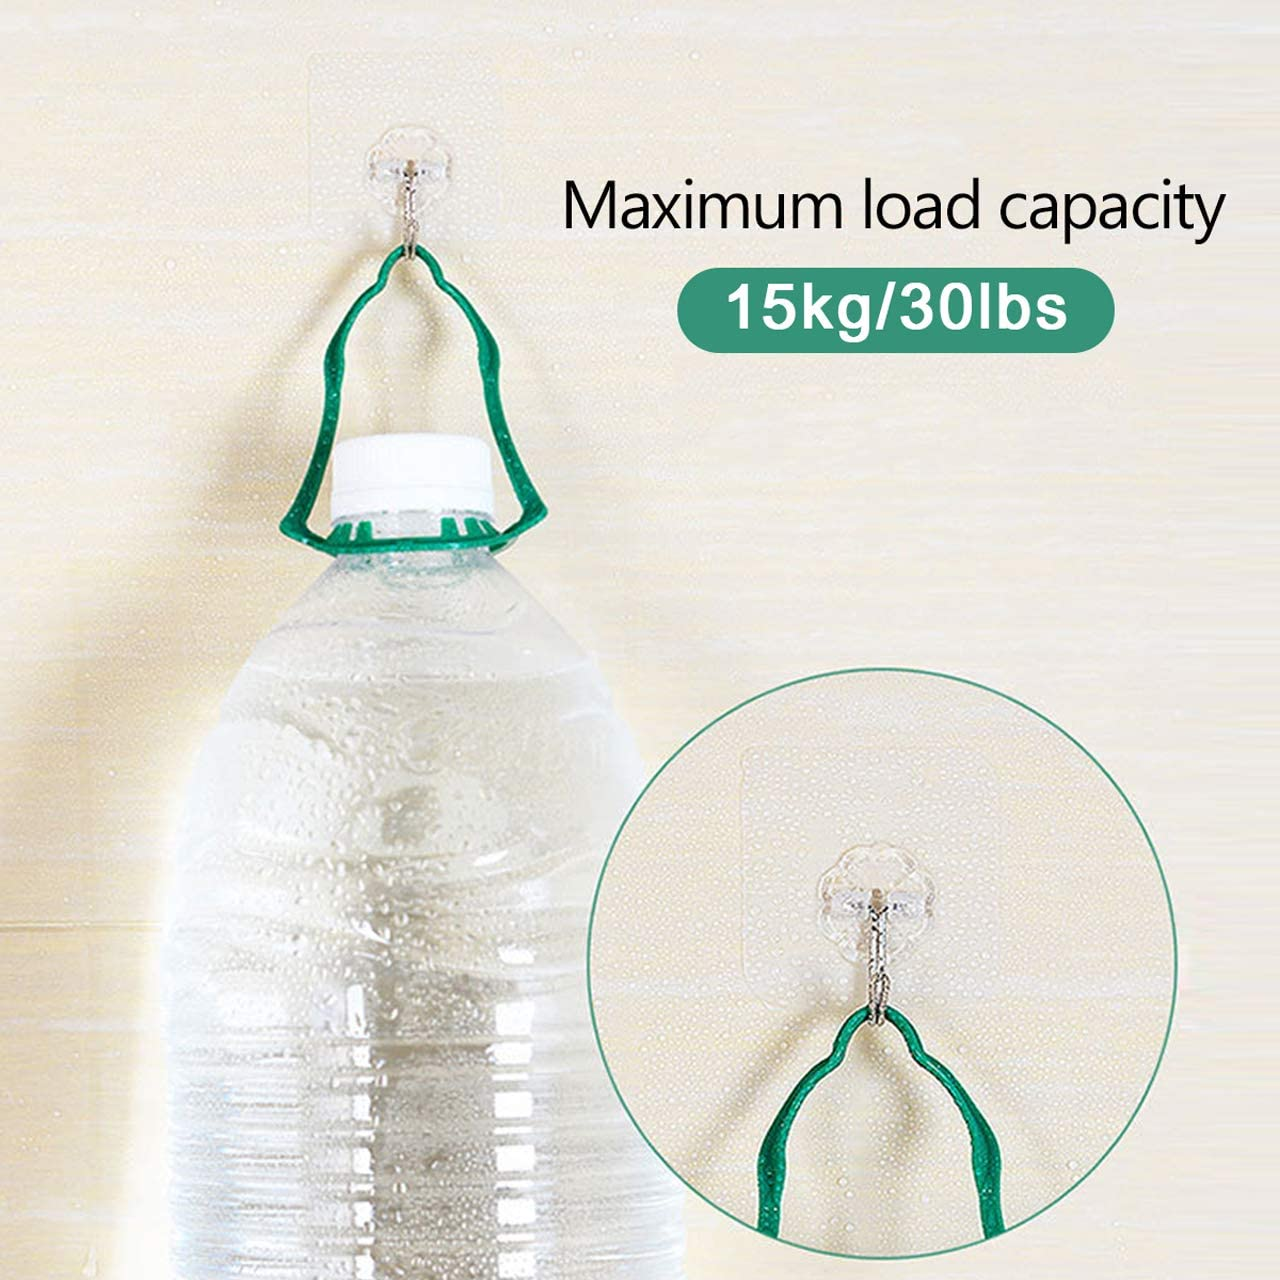 30 lb Imperm/éable Lourd Devoir Crochets pour Cuisine//Chambre//Salle de Bain Max KwuLee 50 Pi/èces Crochets Adh/ésifs Transparents Charge Portant 15 kg